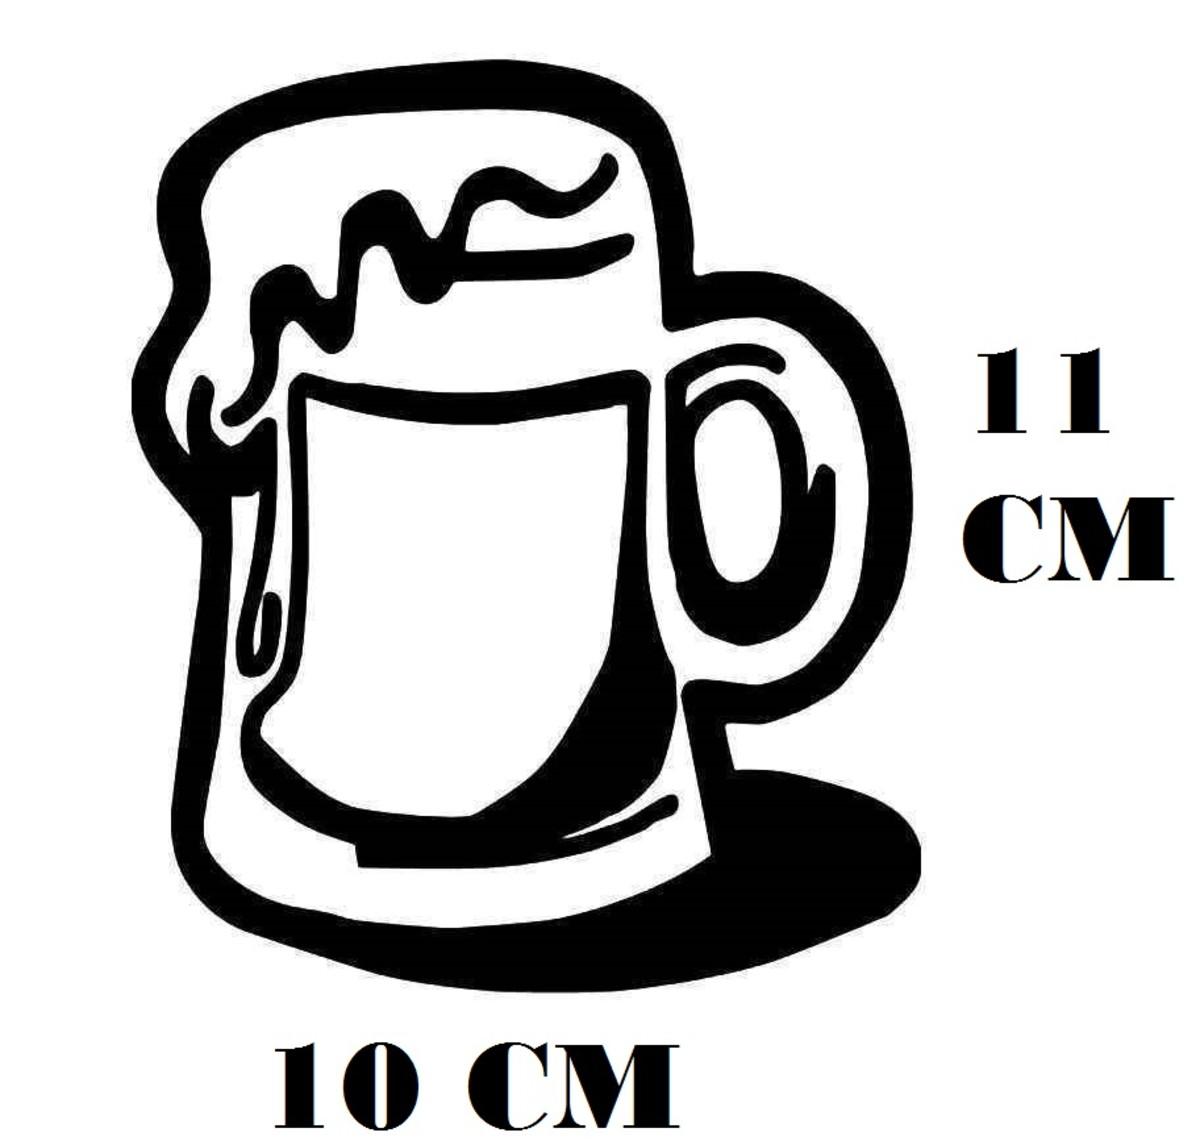 Adesivo Caneca Chopp Oktober Cerveja Artesanal Frete Gratis No